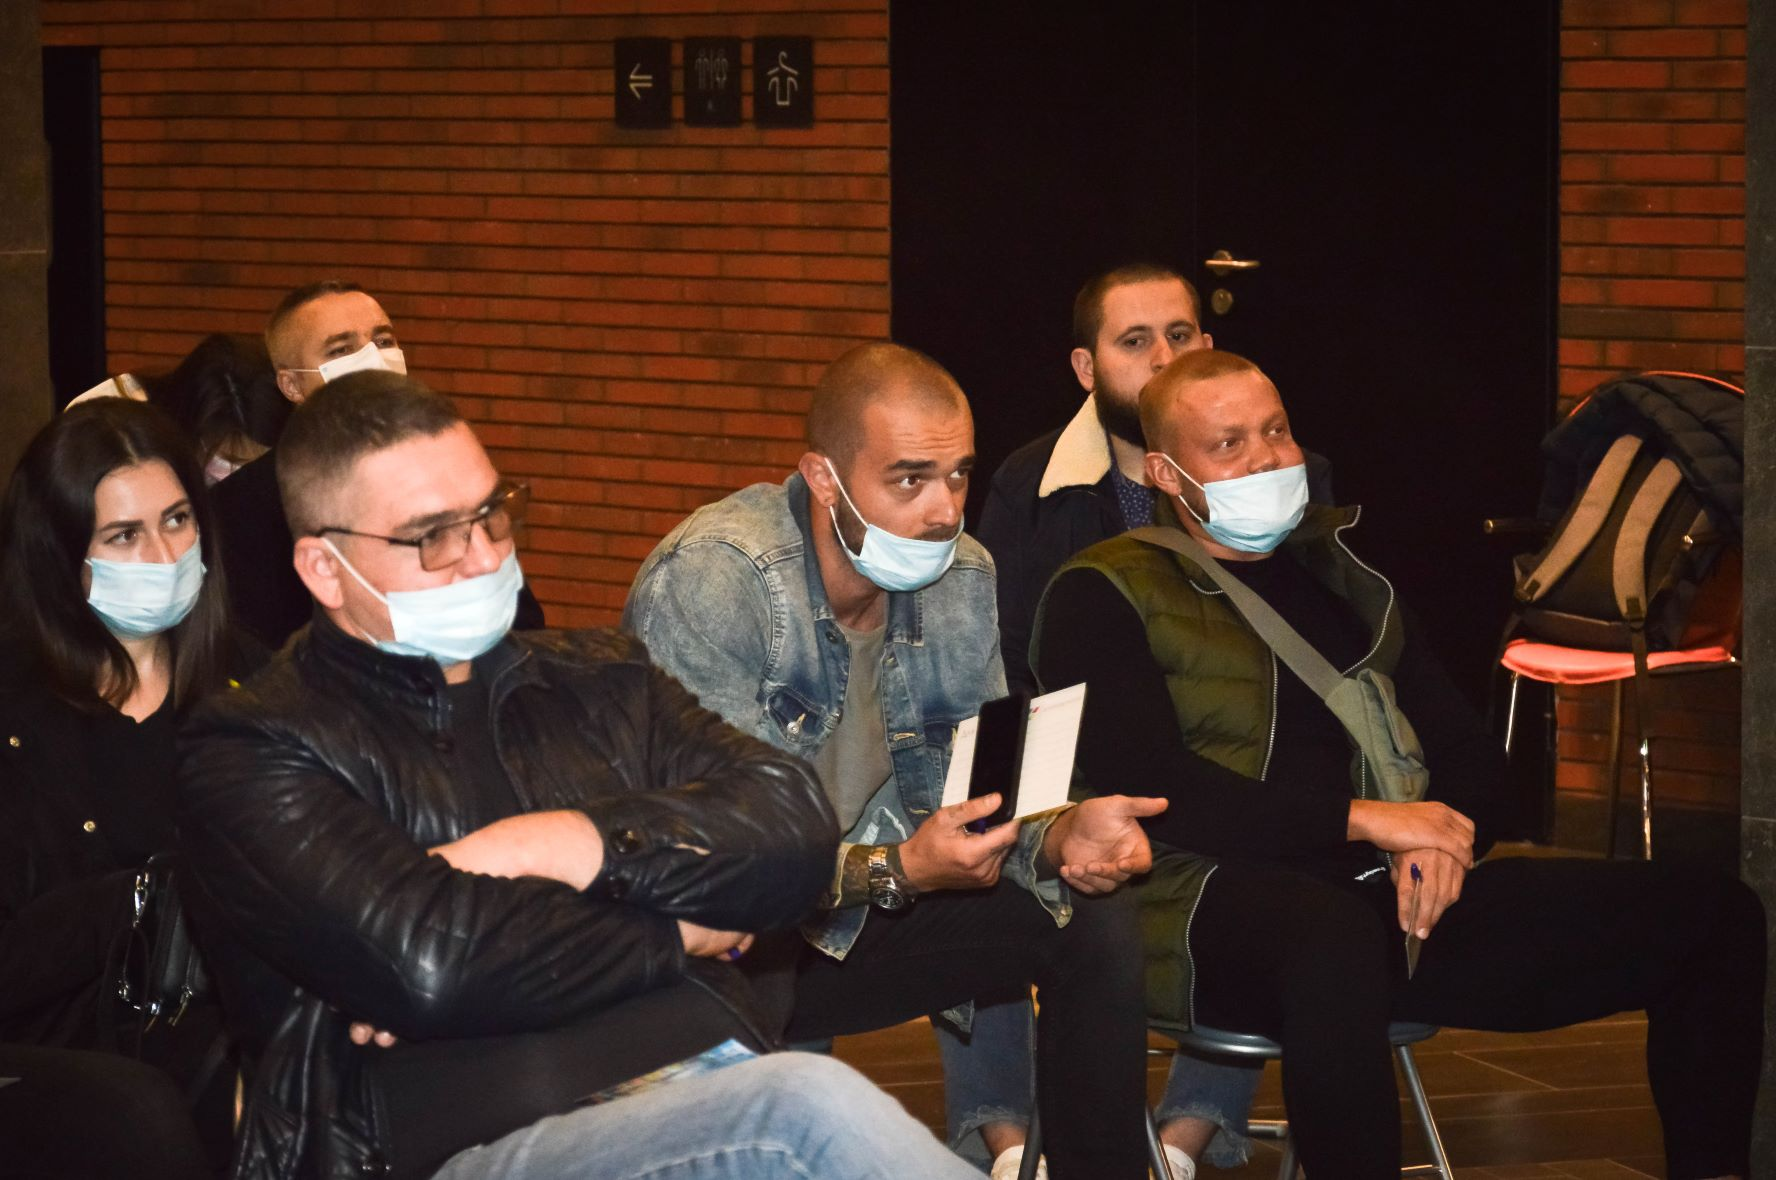 ЦБТ провів актуальну дискусійну панель в Чернівцях - 19 фото